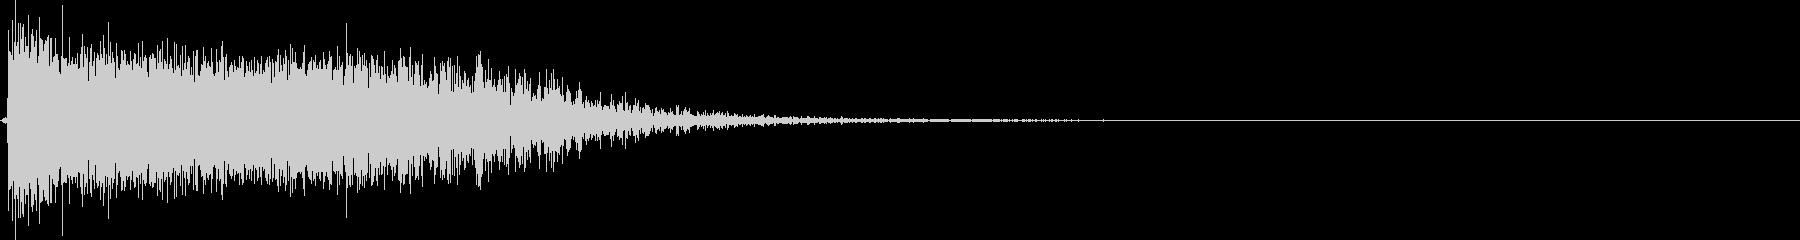 プシュ!炭酸ペットボトルのフタを開ける音の未再生の波形